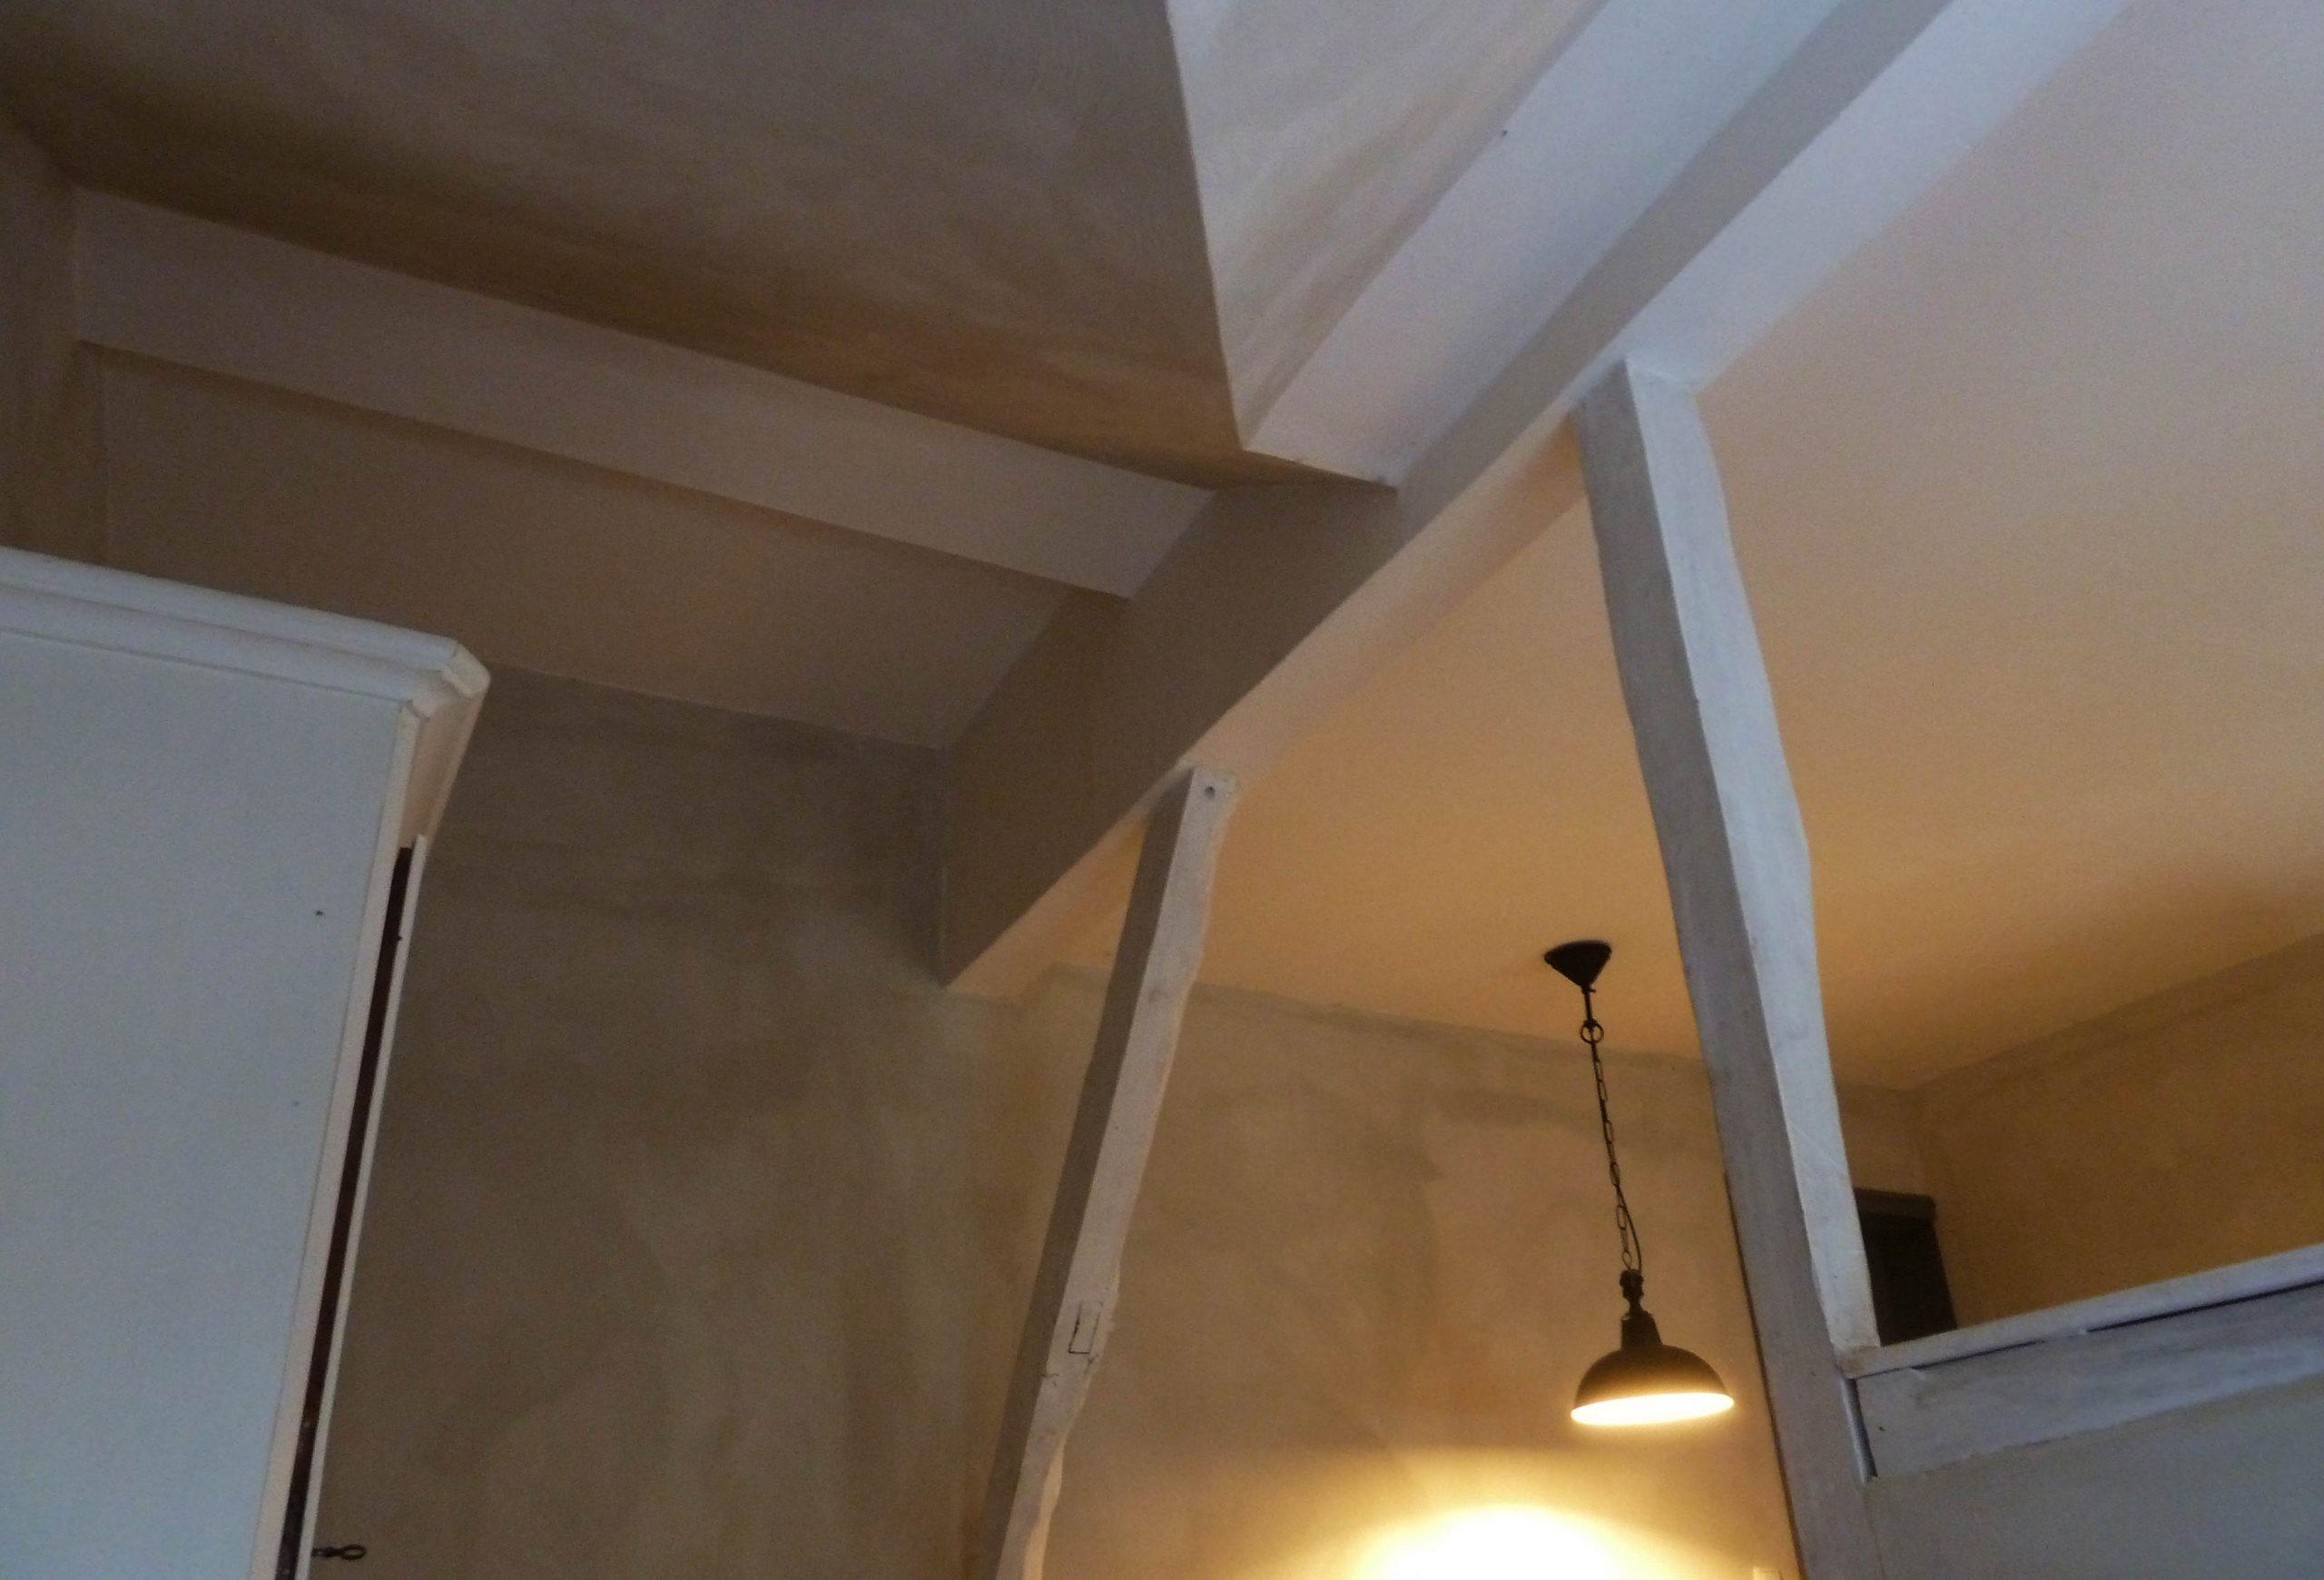 Decke in einem Zimmer im Elbeglück, Lehmfarben und weiß lasierte Balken